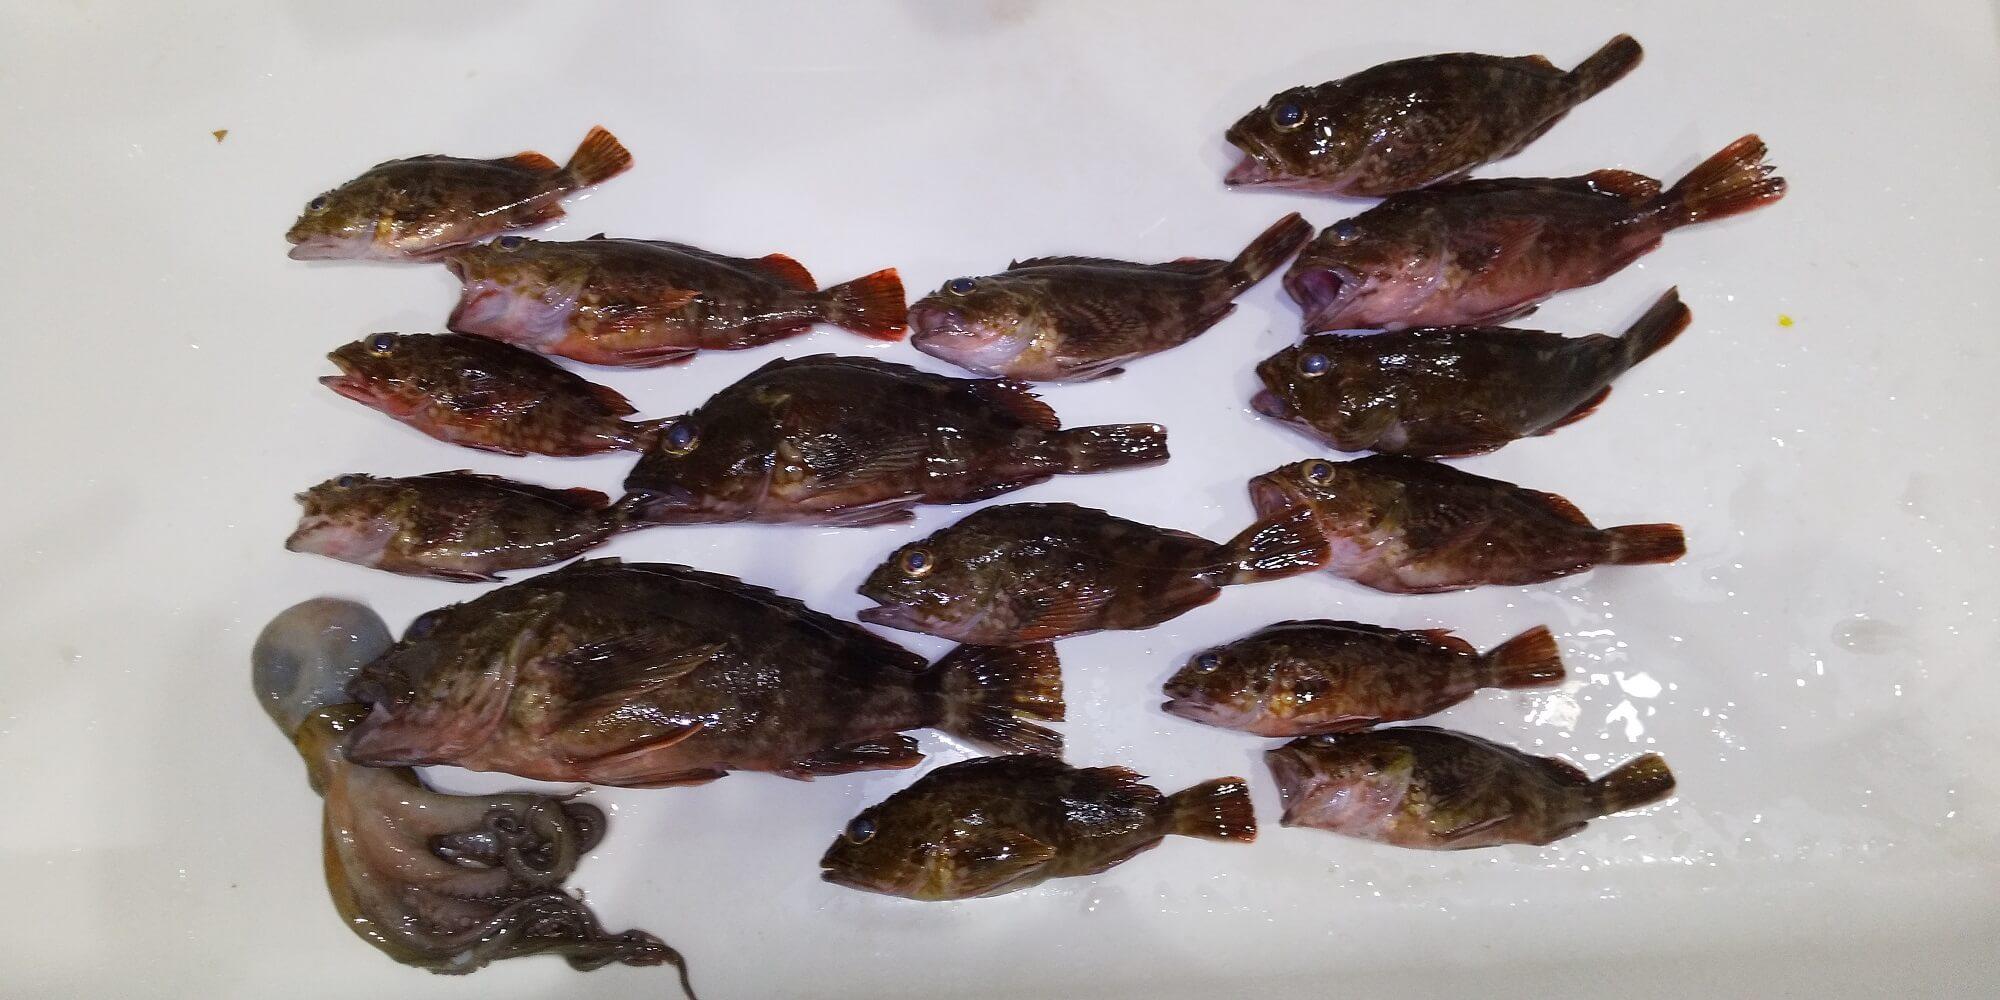 カサゴ釣りに行った時の釣果。左下の小タコに注目!茹でて美味しくいただきました。